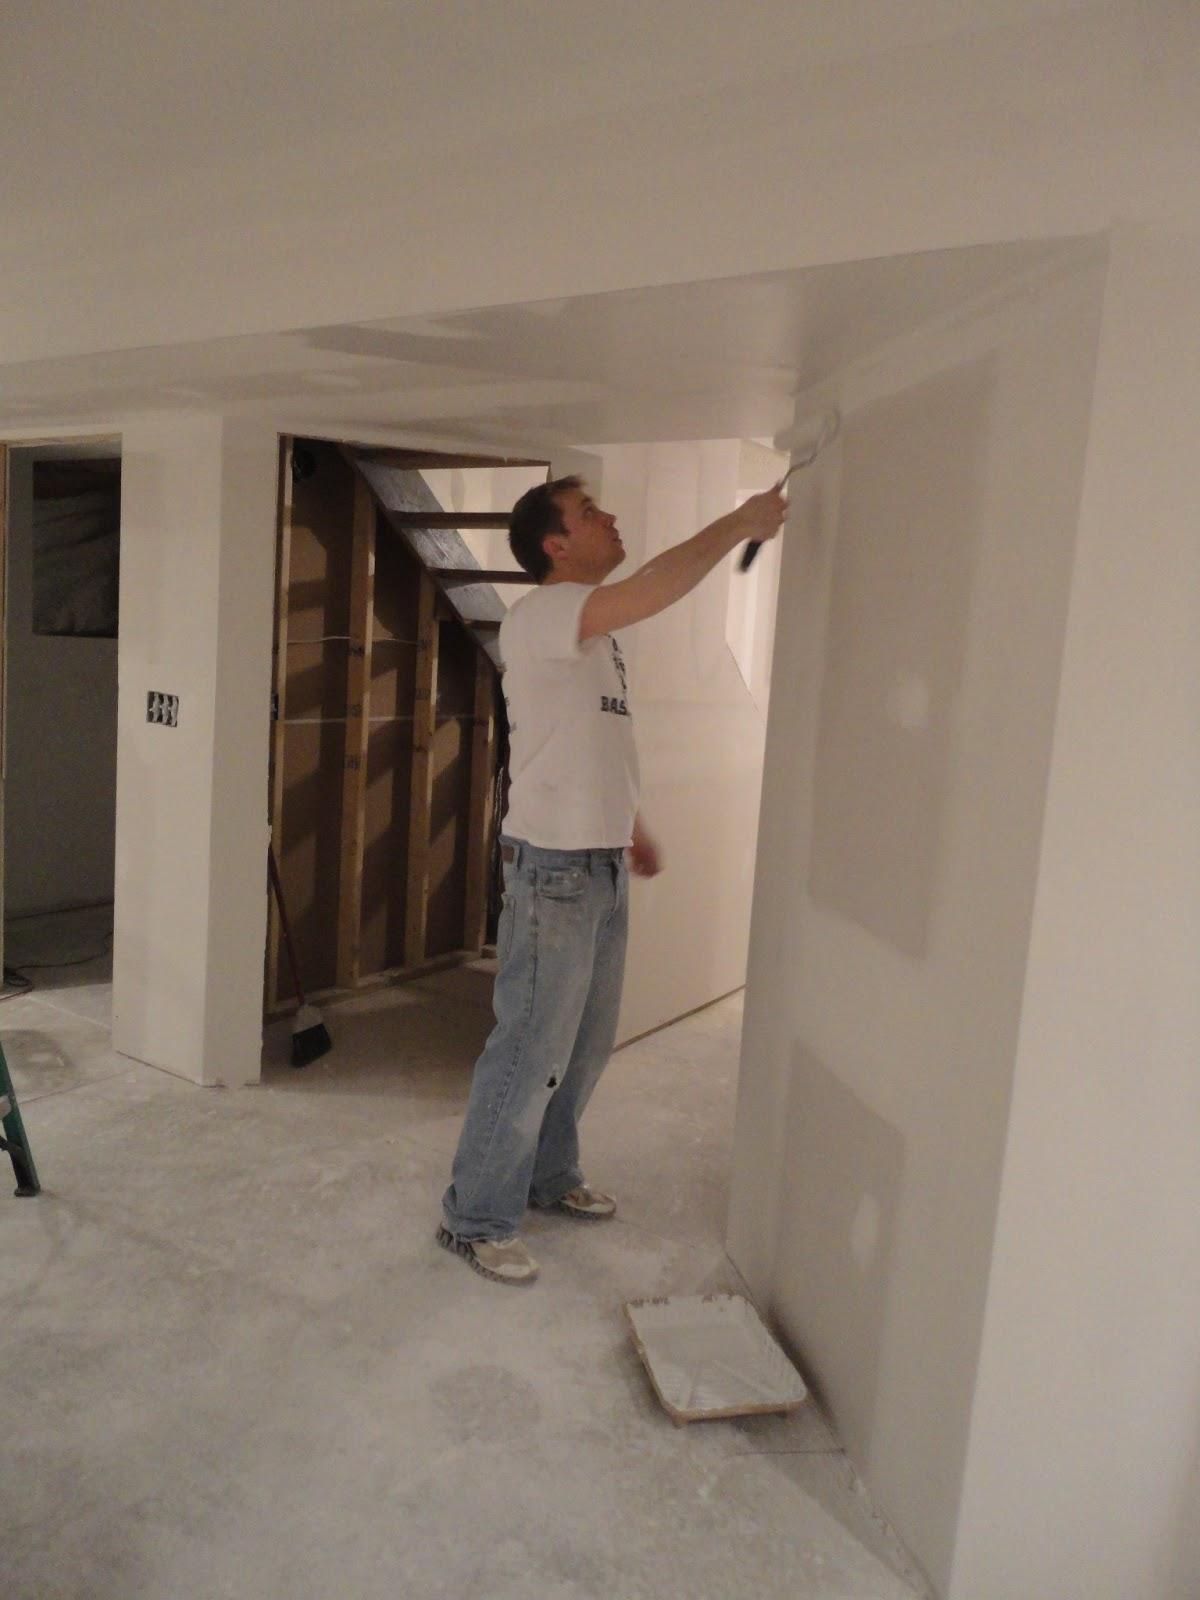 Primer for bathroom ceiling - Monday April 8 2013